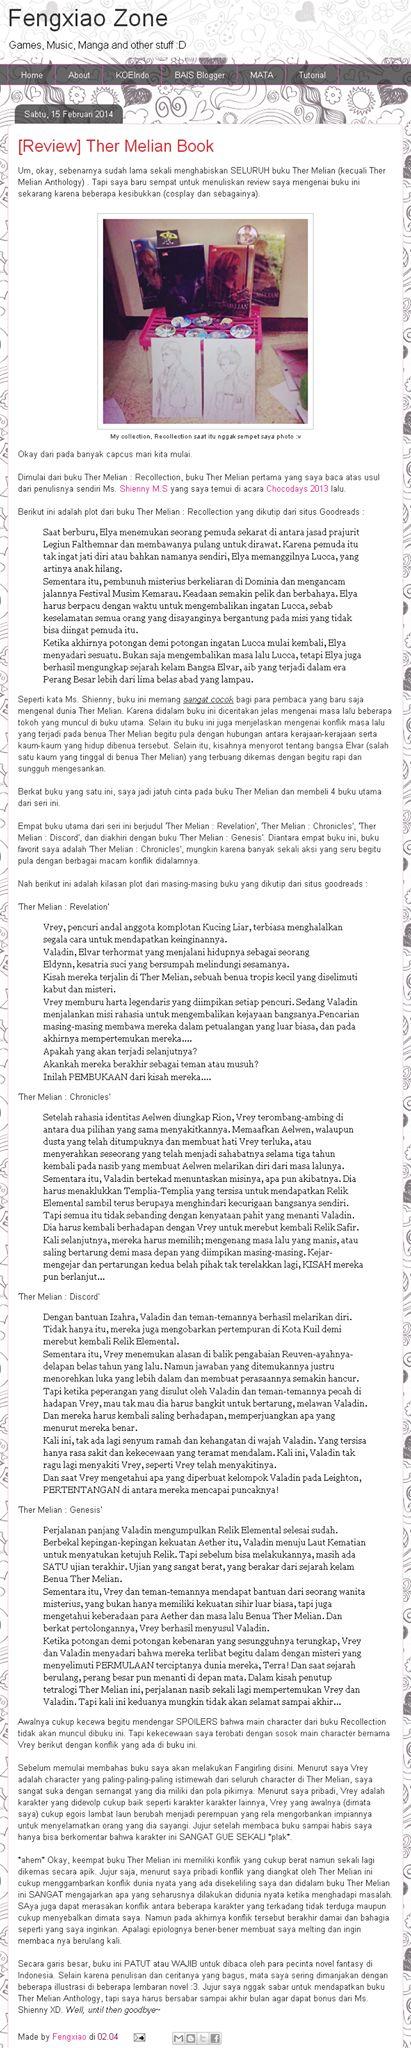 """#ReviewBuku Novel Fantasi Seri """"THER MELIAN"""" karya Shienny M.S, oleh Blogger Fengxiao Zone (Blogspot @fengxiao08)   """"…Secara garis besar, buku ini PATUT atau WAJIB untuk dibaca oleh para pecinta novel fantasy di Indonesia. Selain karena penulisan dan ceritanya yang bagus, mata saya sering dimanjakan dengan beberapa illustrasi di beberapa lembaran novel :3. Jujur saya nggak sabar untuk mendapatkan buku Ther Melian Anthology…"""""""